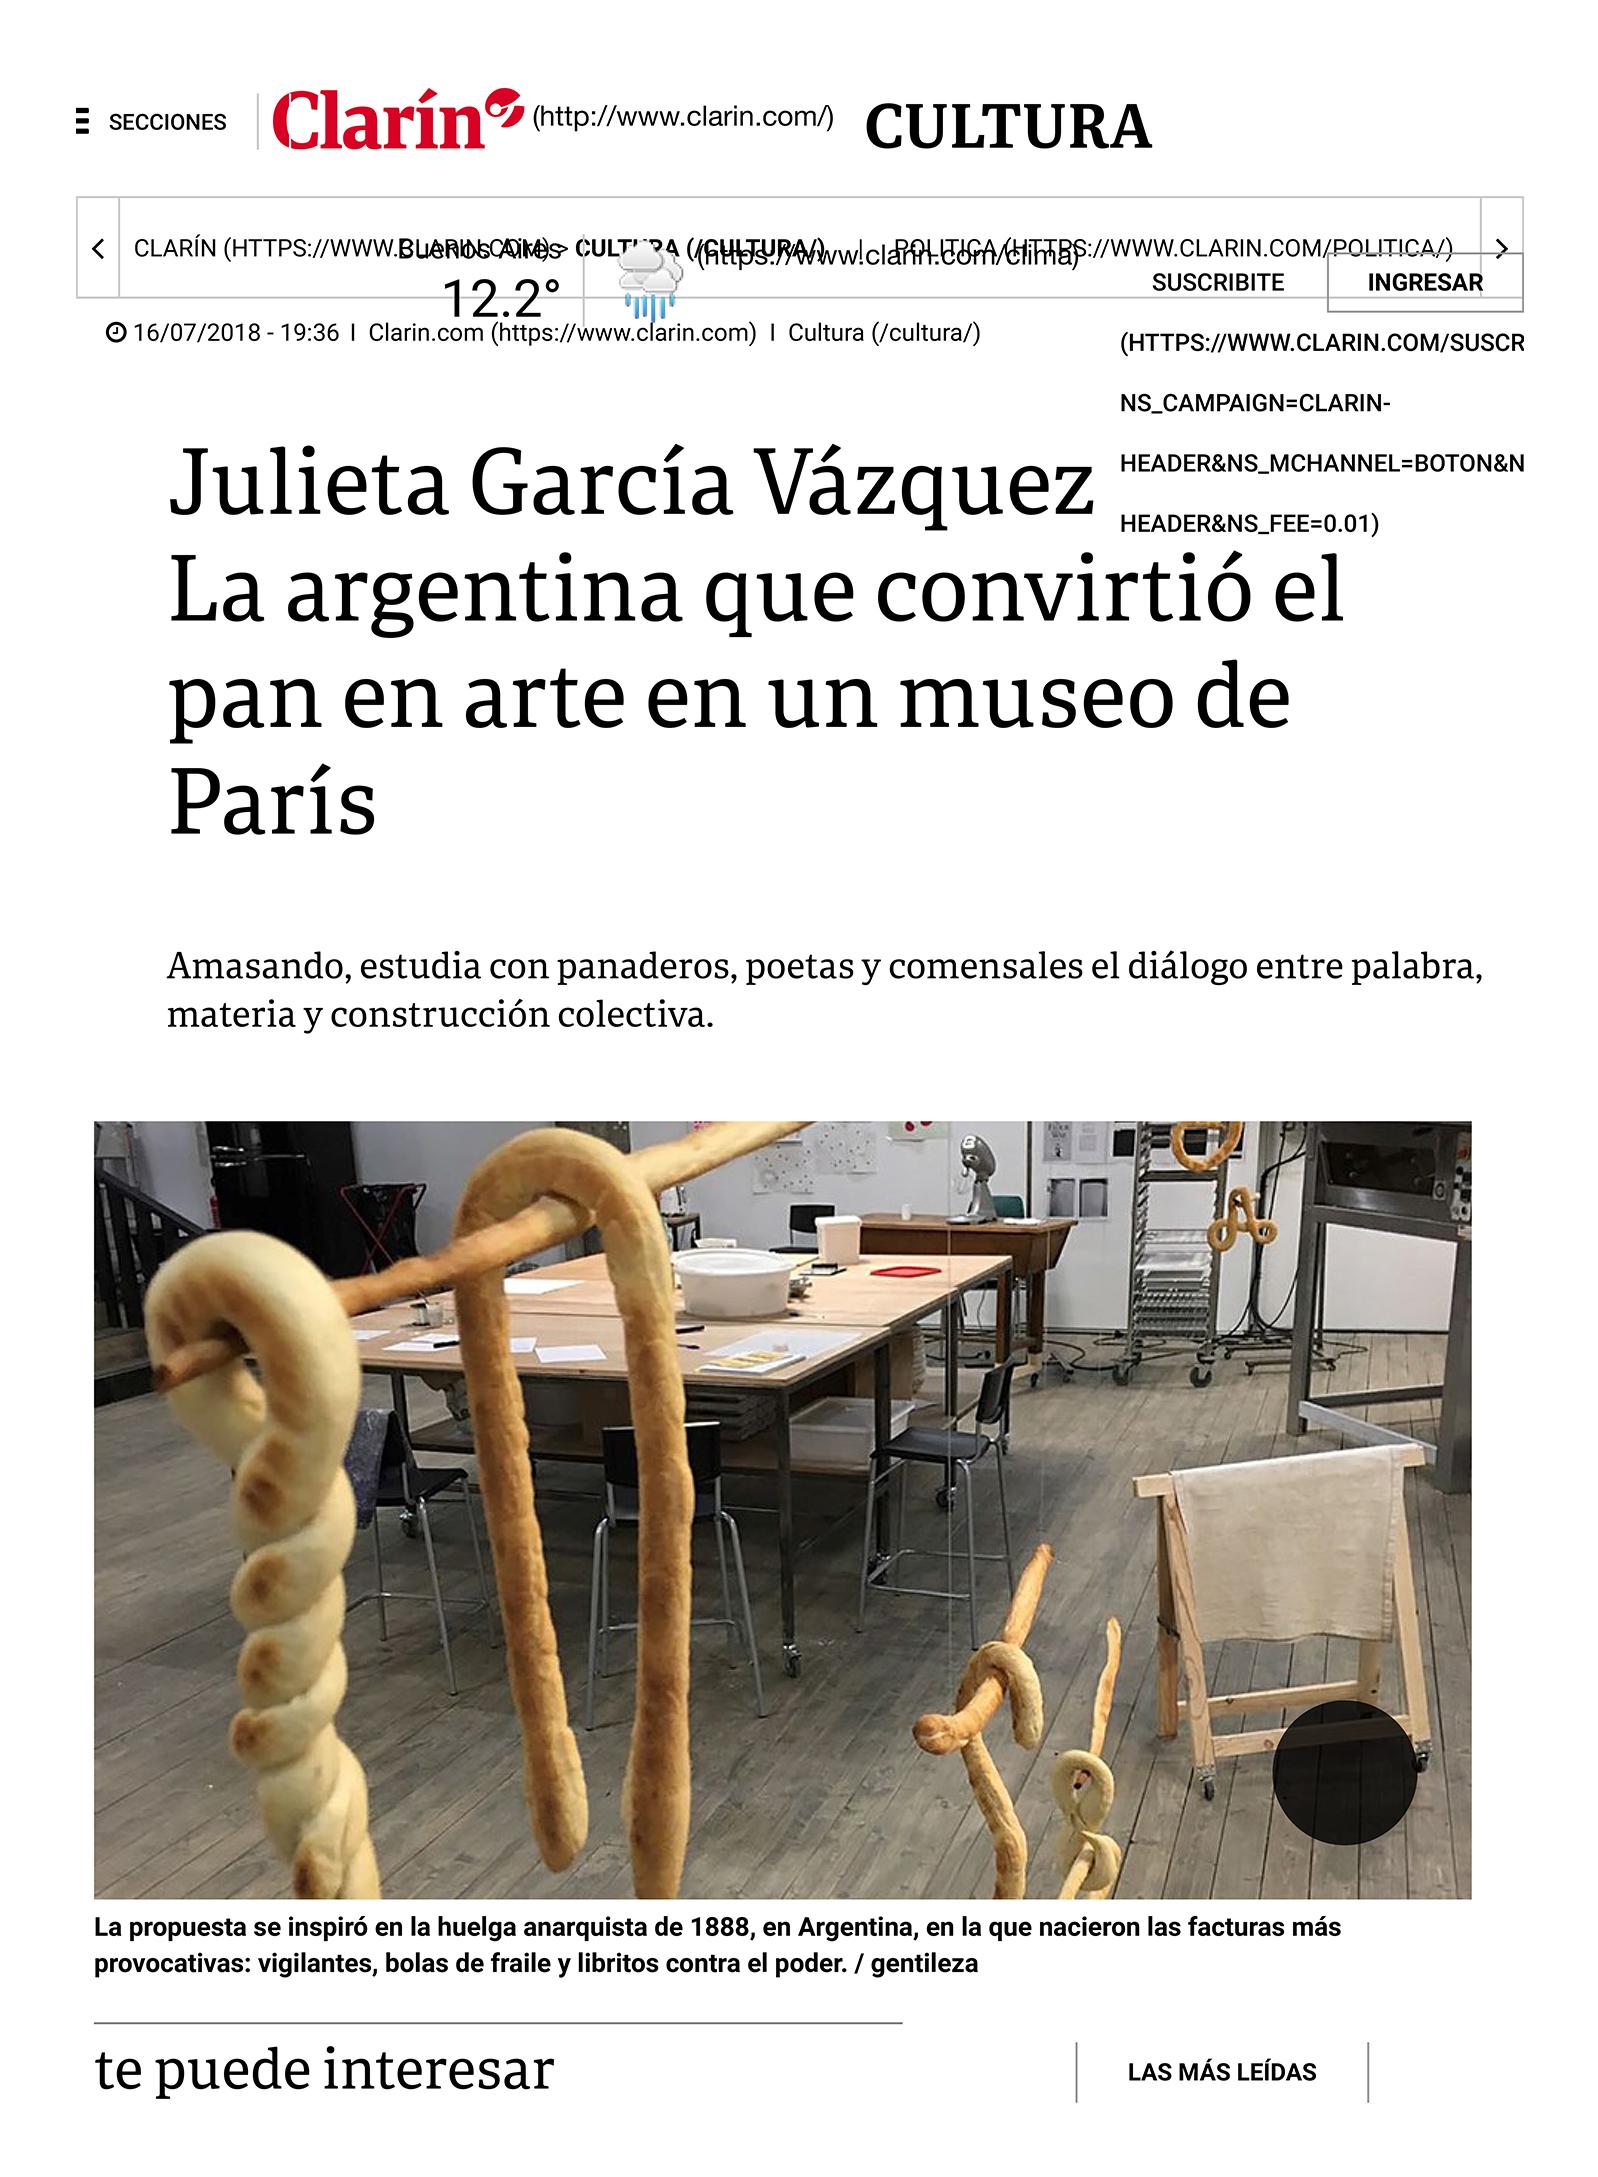 2018-08-16-EL-CLARIN-La-argentina-que-convirtió-el-pan-en-arte-1-couv.jpg